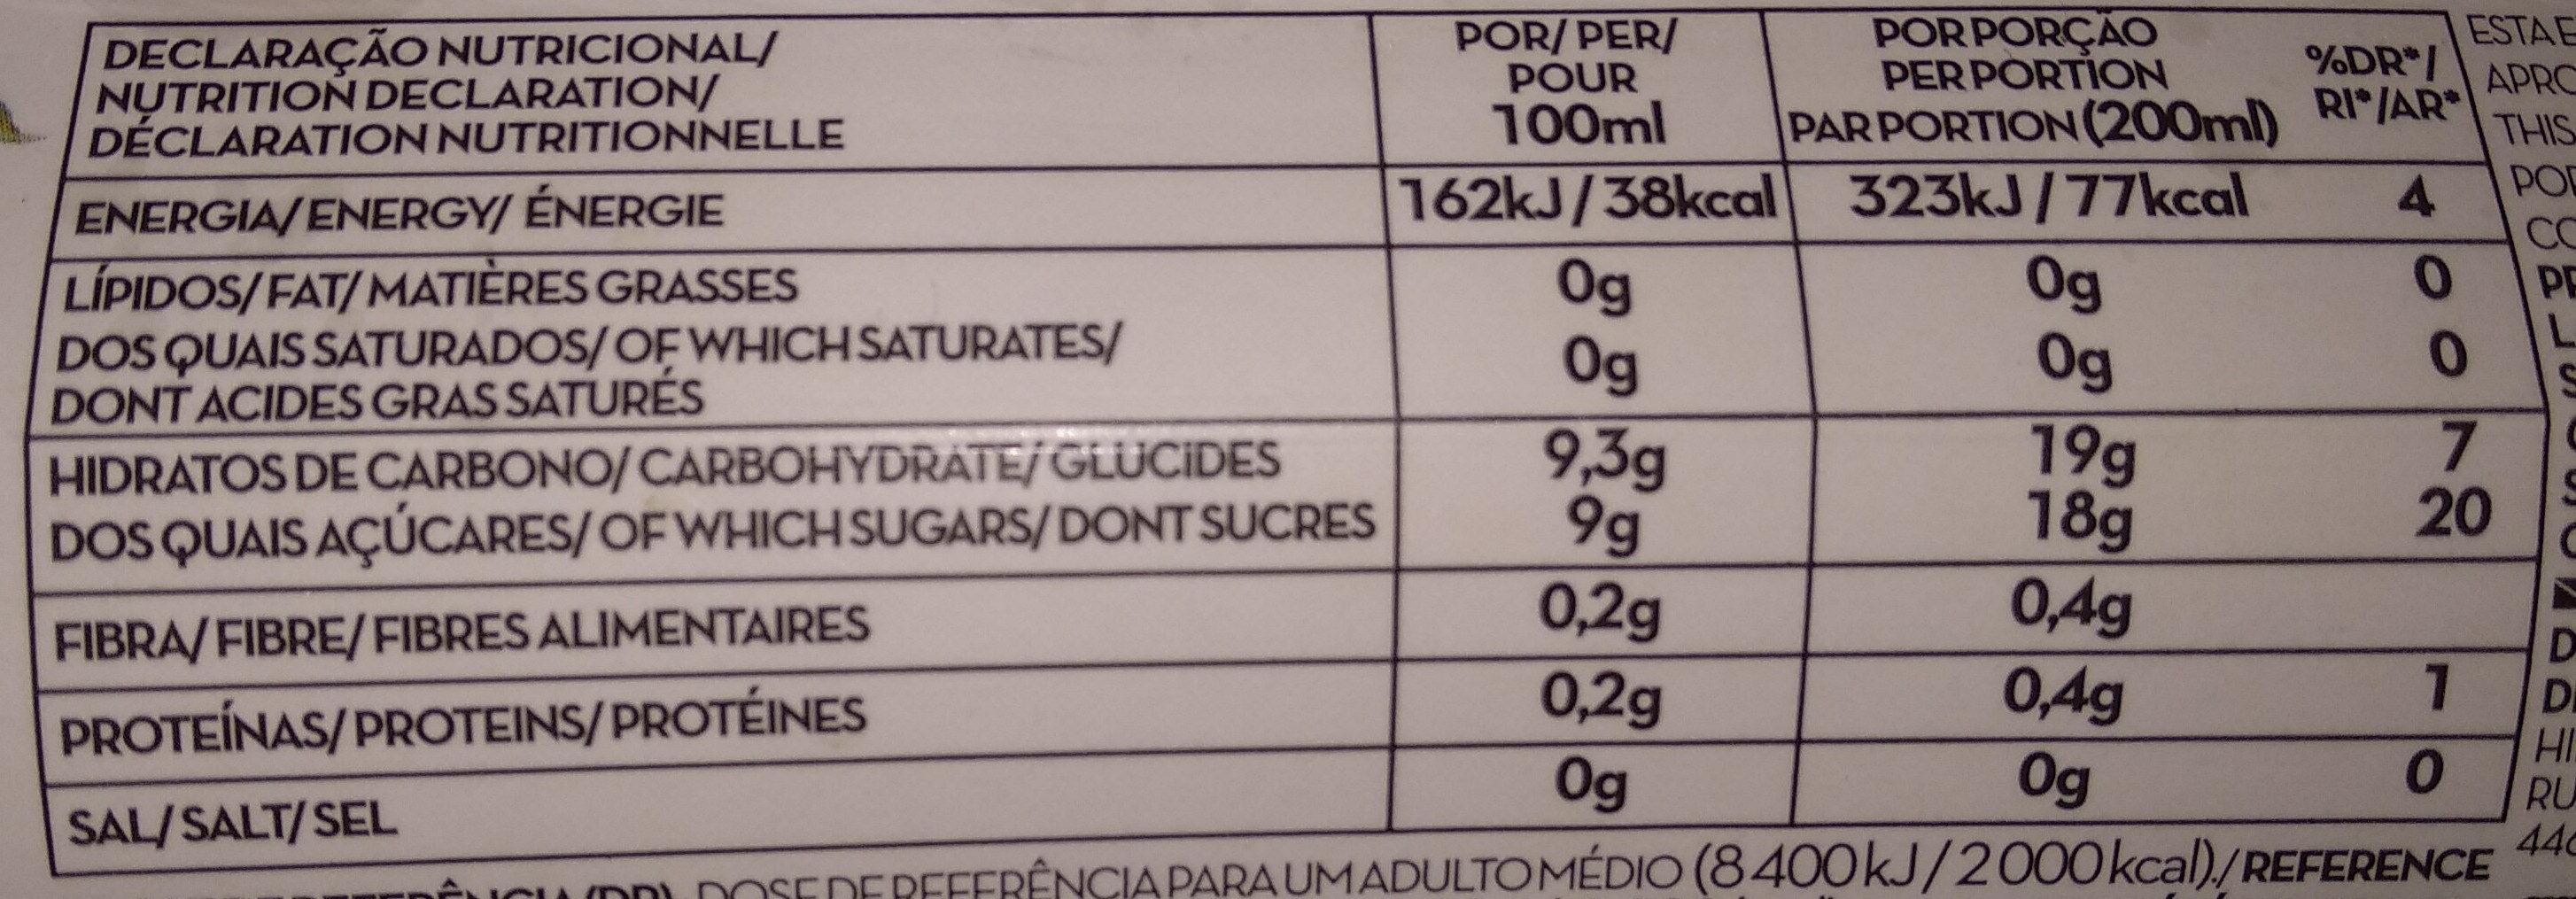 Nectar ananas uva macã e laranja - Voedingswaarden - fr